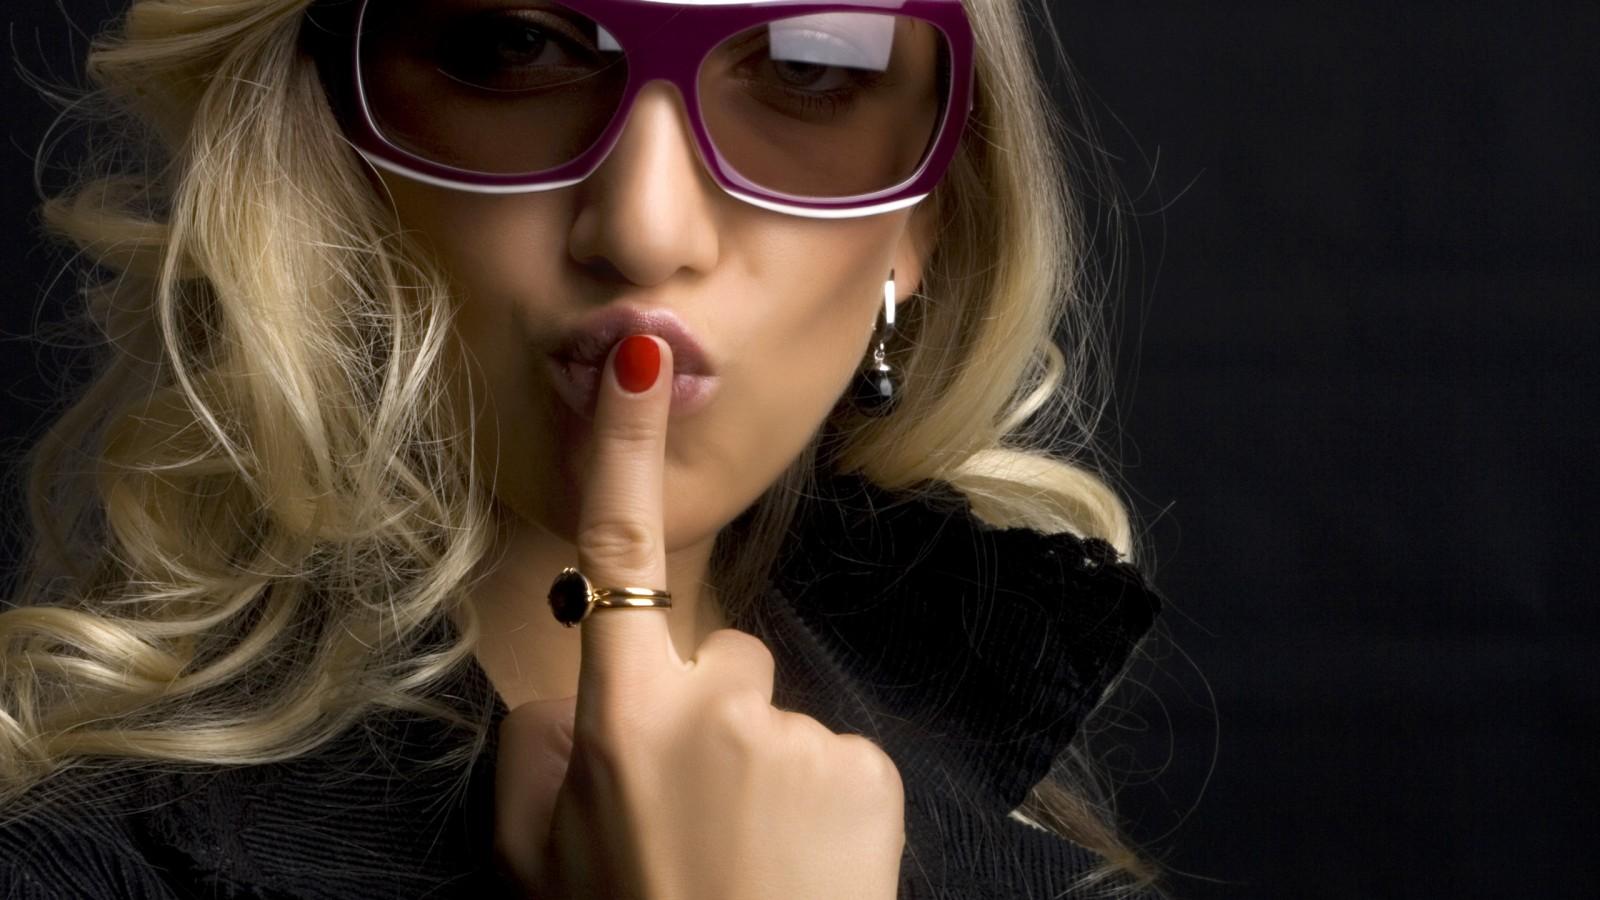 Фото блондинок любительские в очках 11 фотография